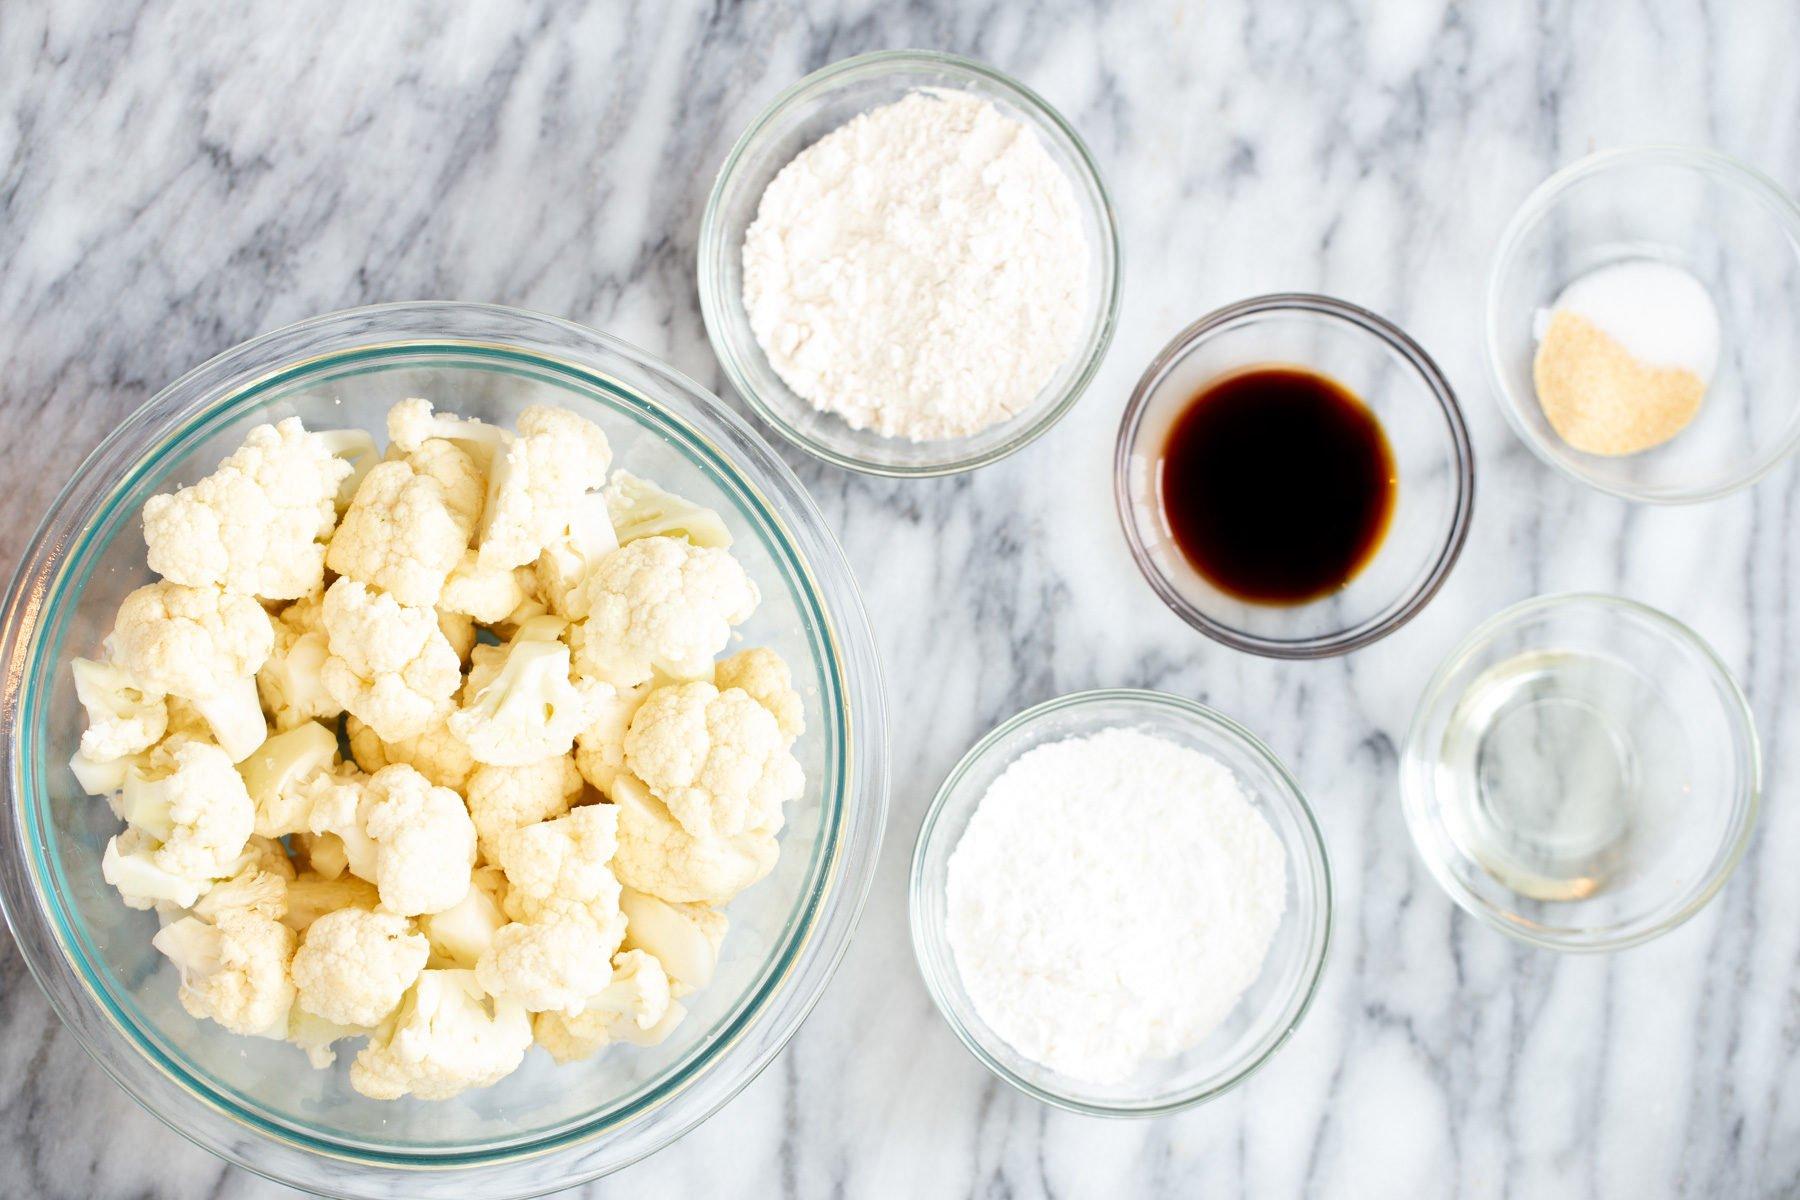 ingredients for making baked vegan general tso cauliflower